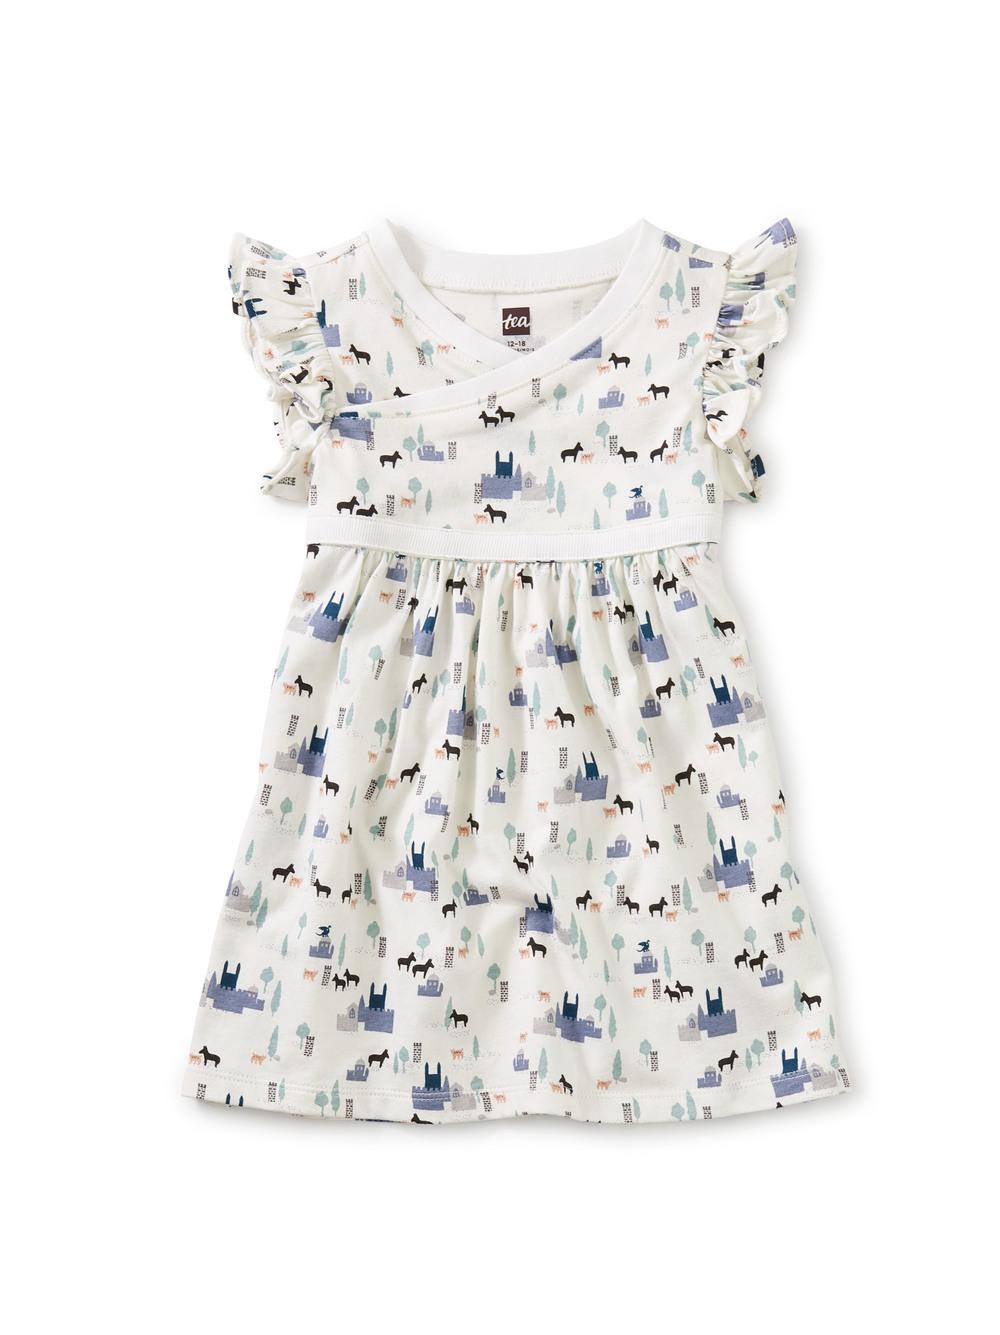 Wrap Neck Baby Dress